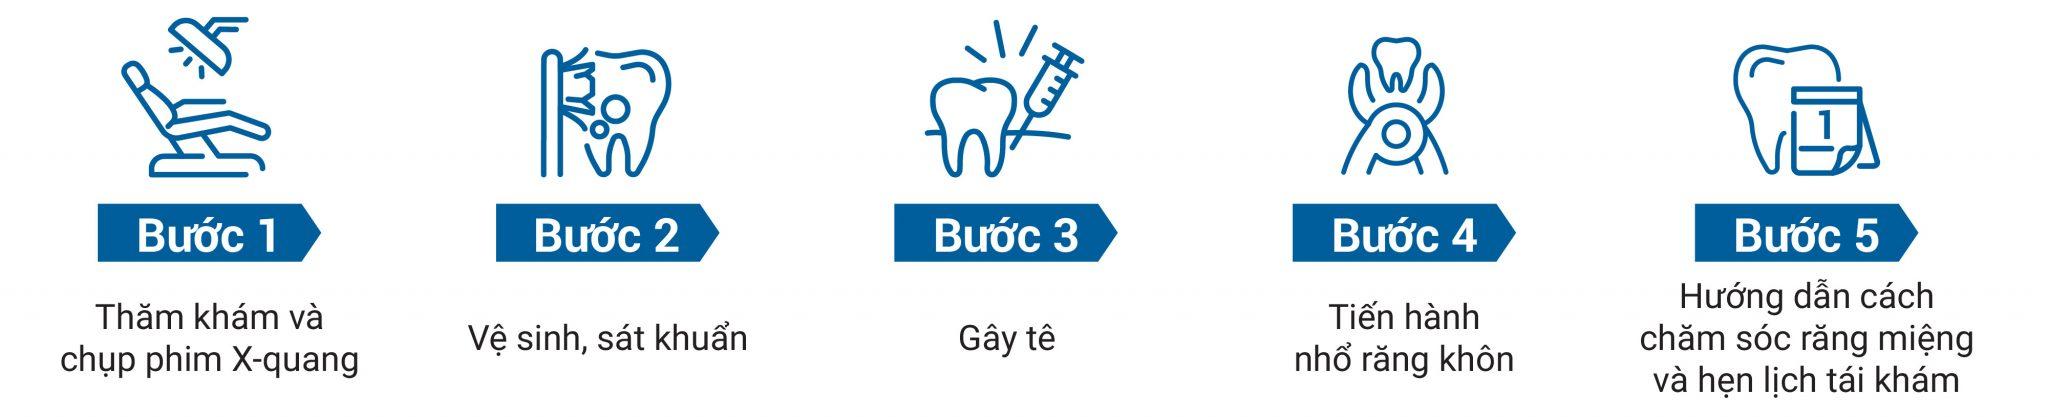 quy trình nhổ răng khôn - Nha Khoa Kim